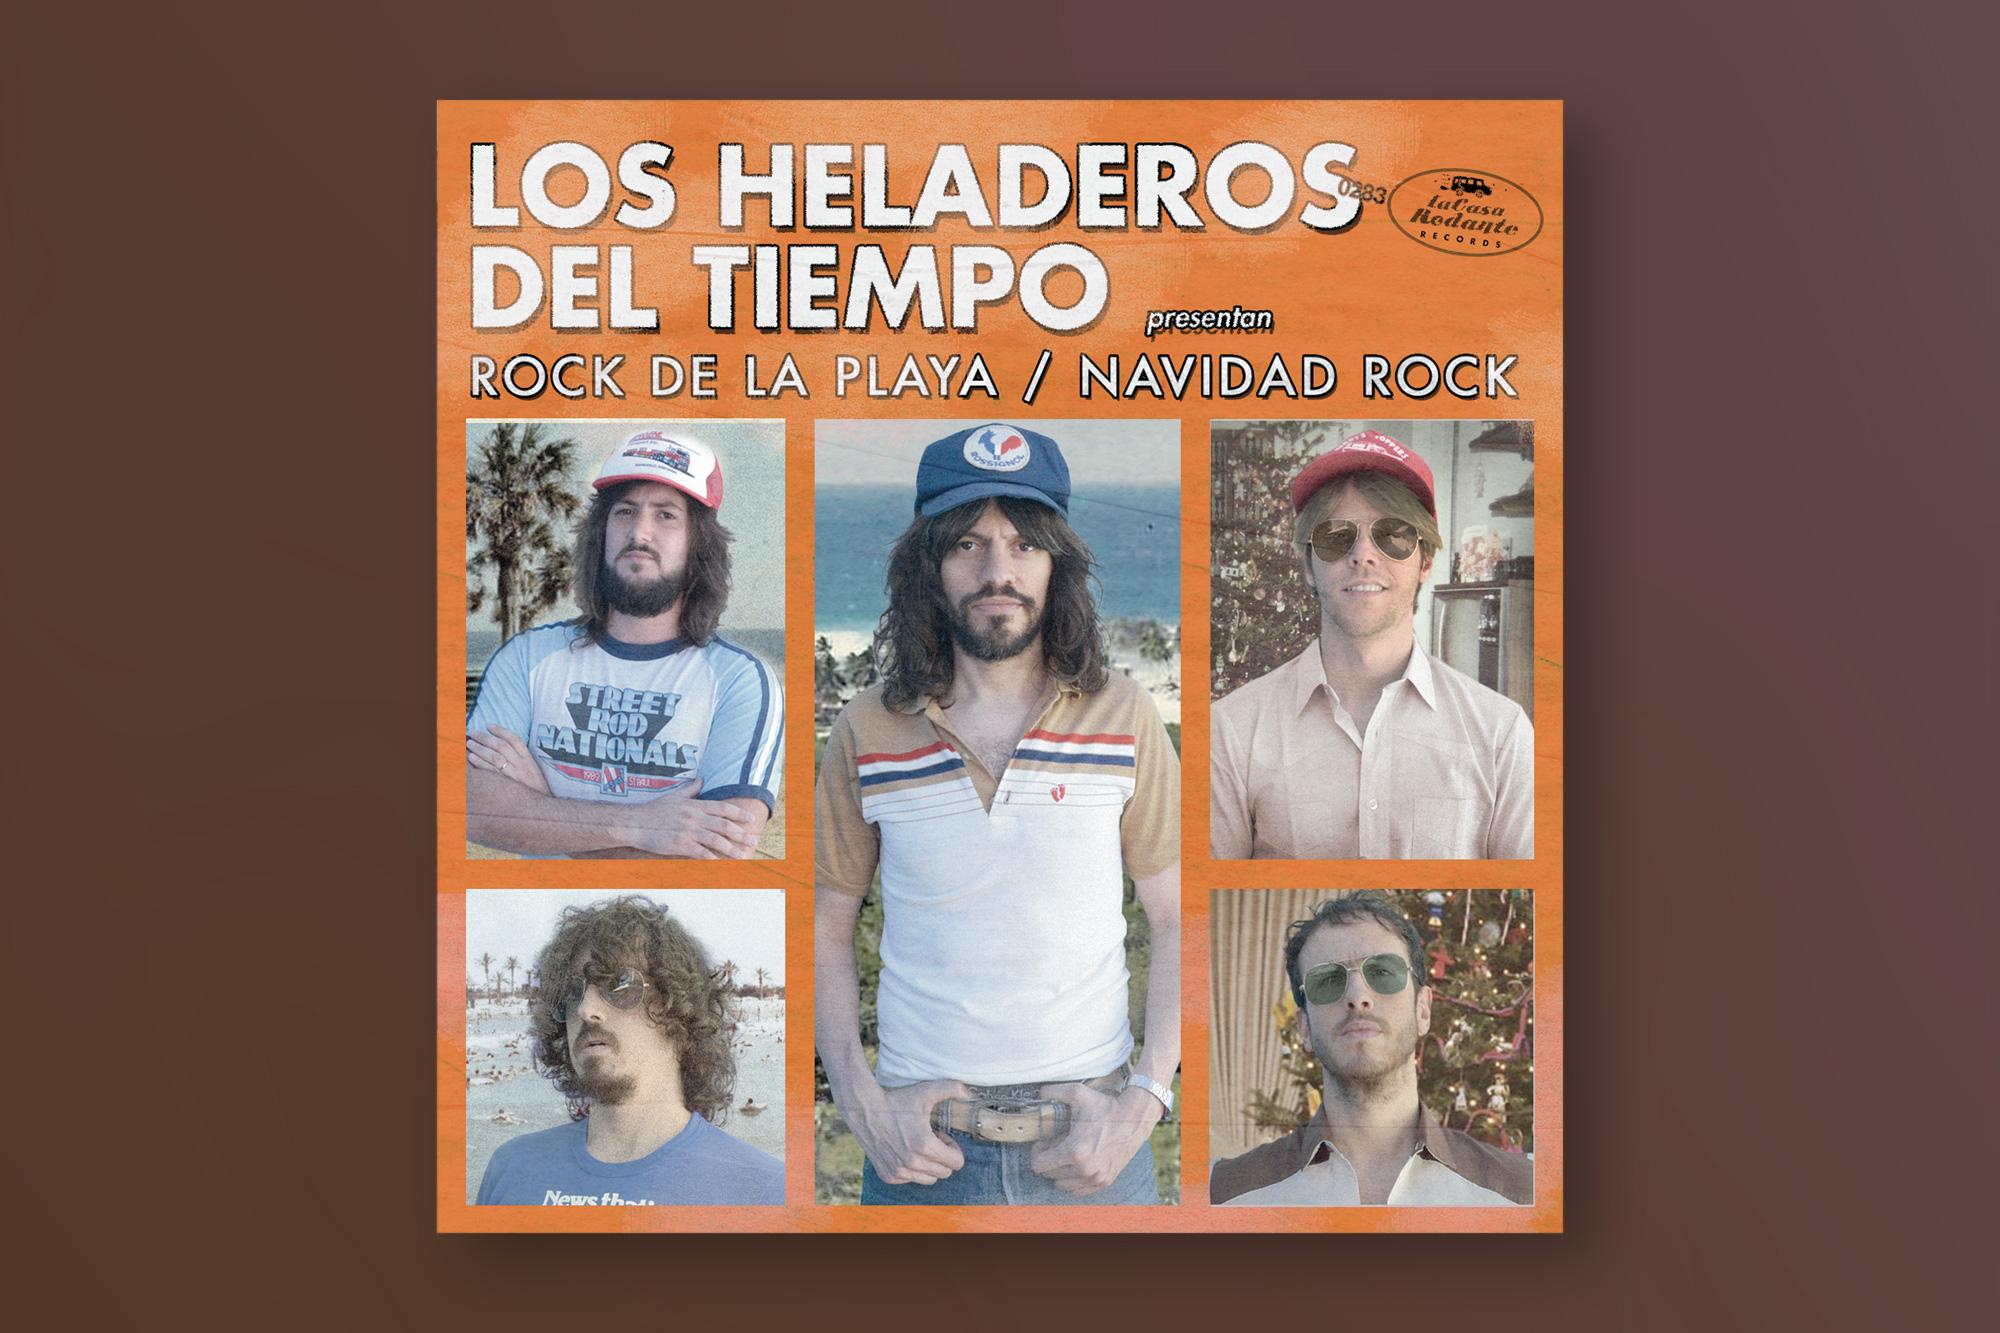 LOS-HELADEROS-DEL-TIEMPO-EP-2016-NAVIDAD-ROCK-FRONT